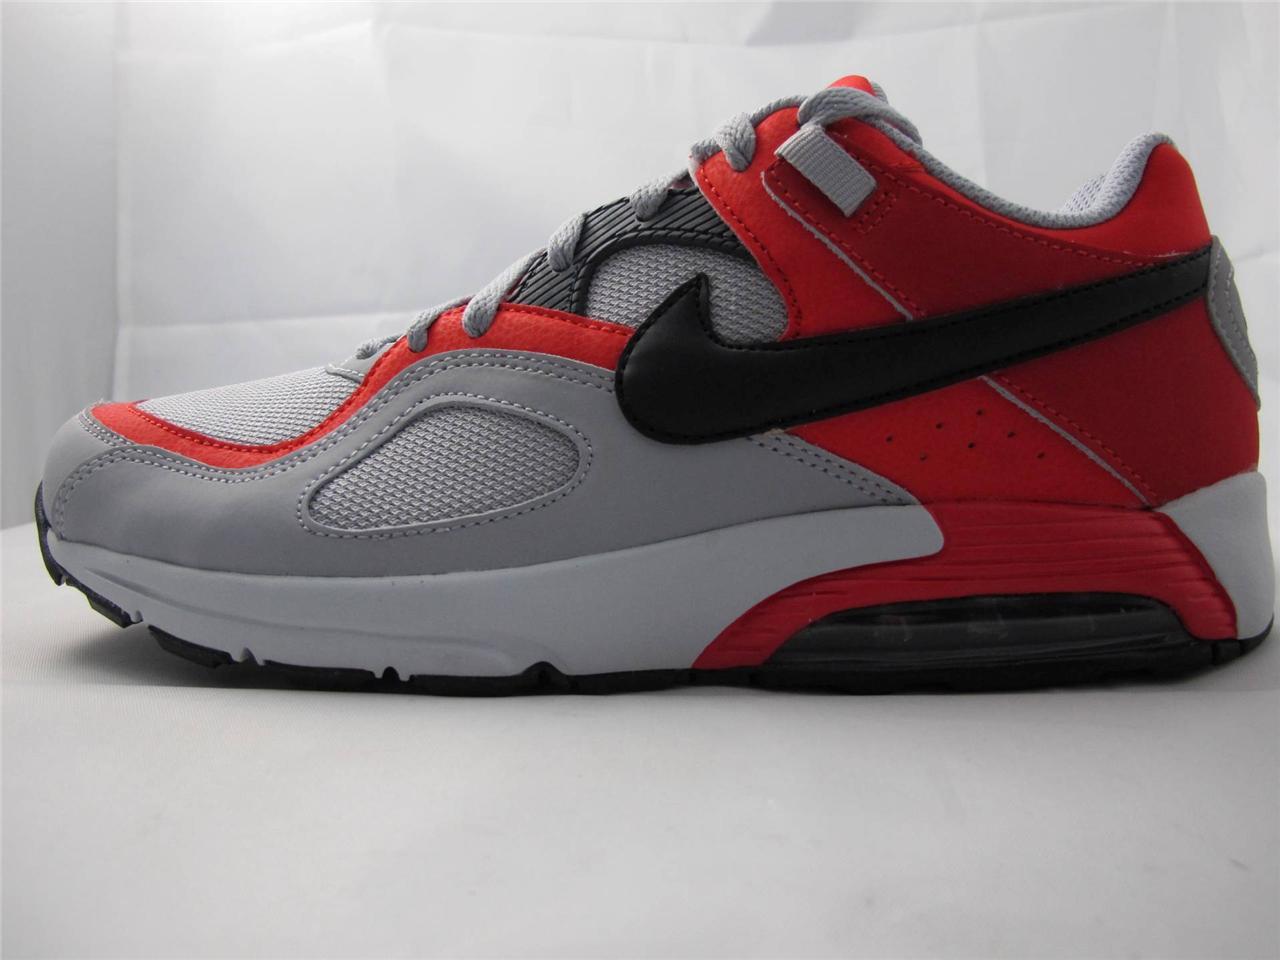 Nike Baskets Air Max Triax '94 Ltr Homme: : Sports